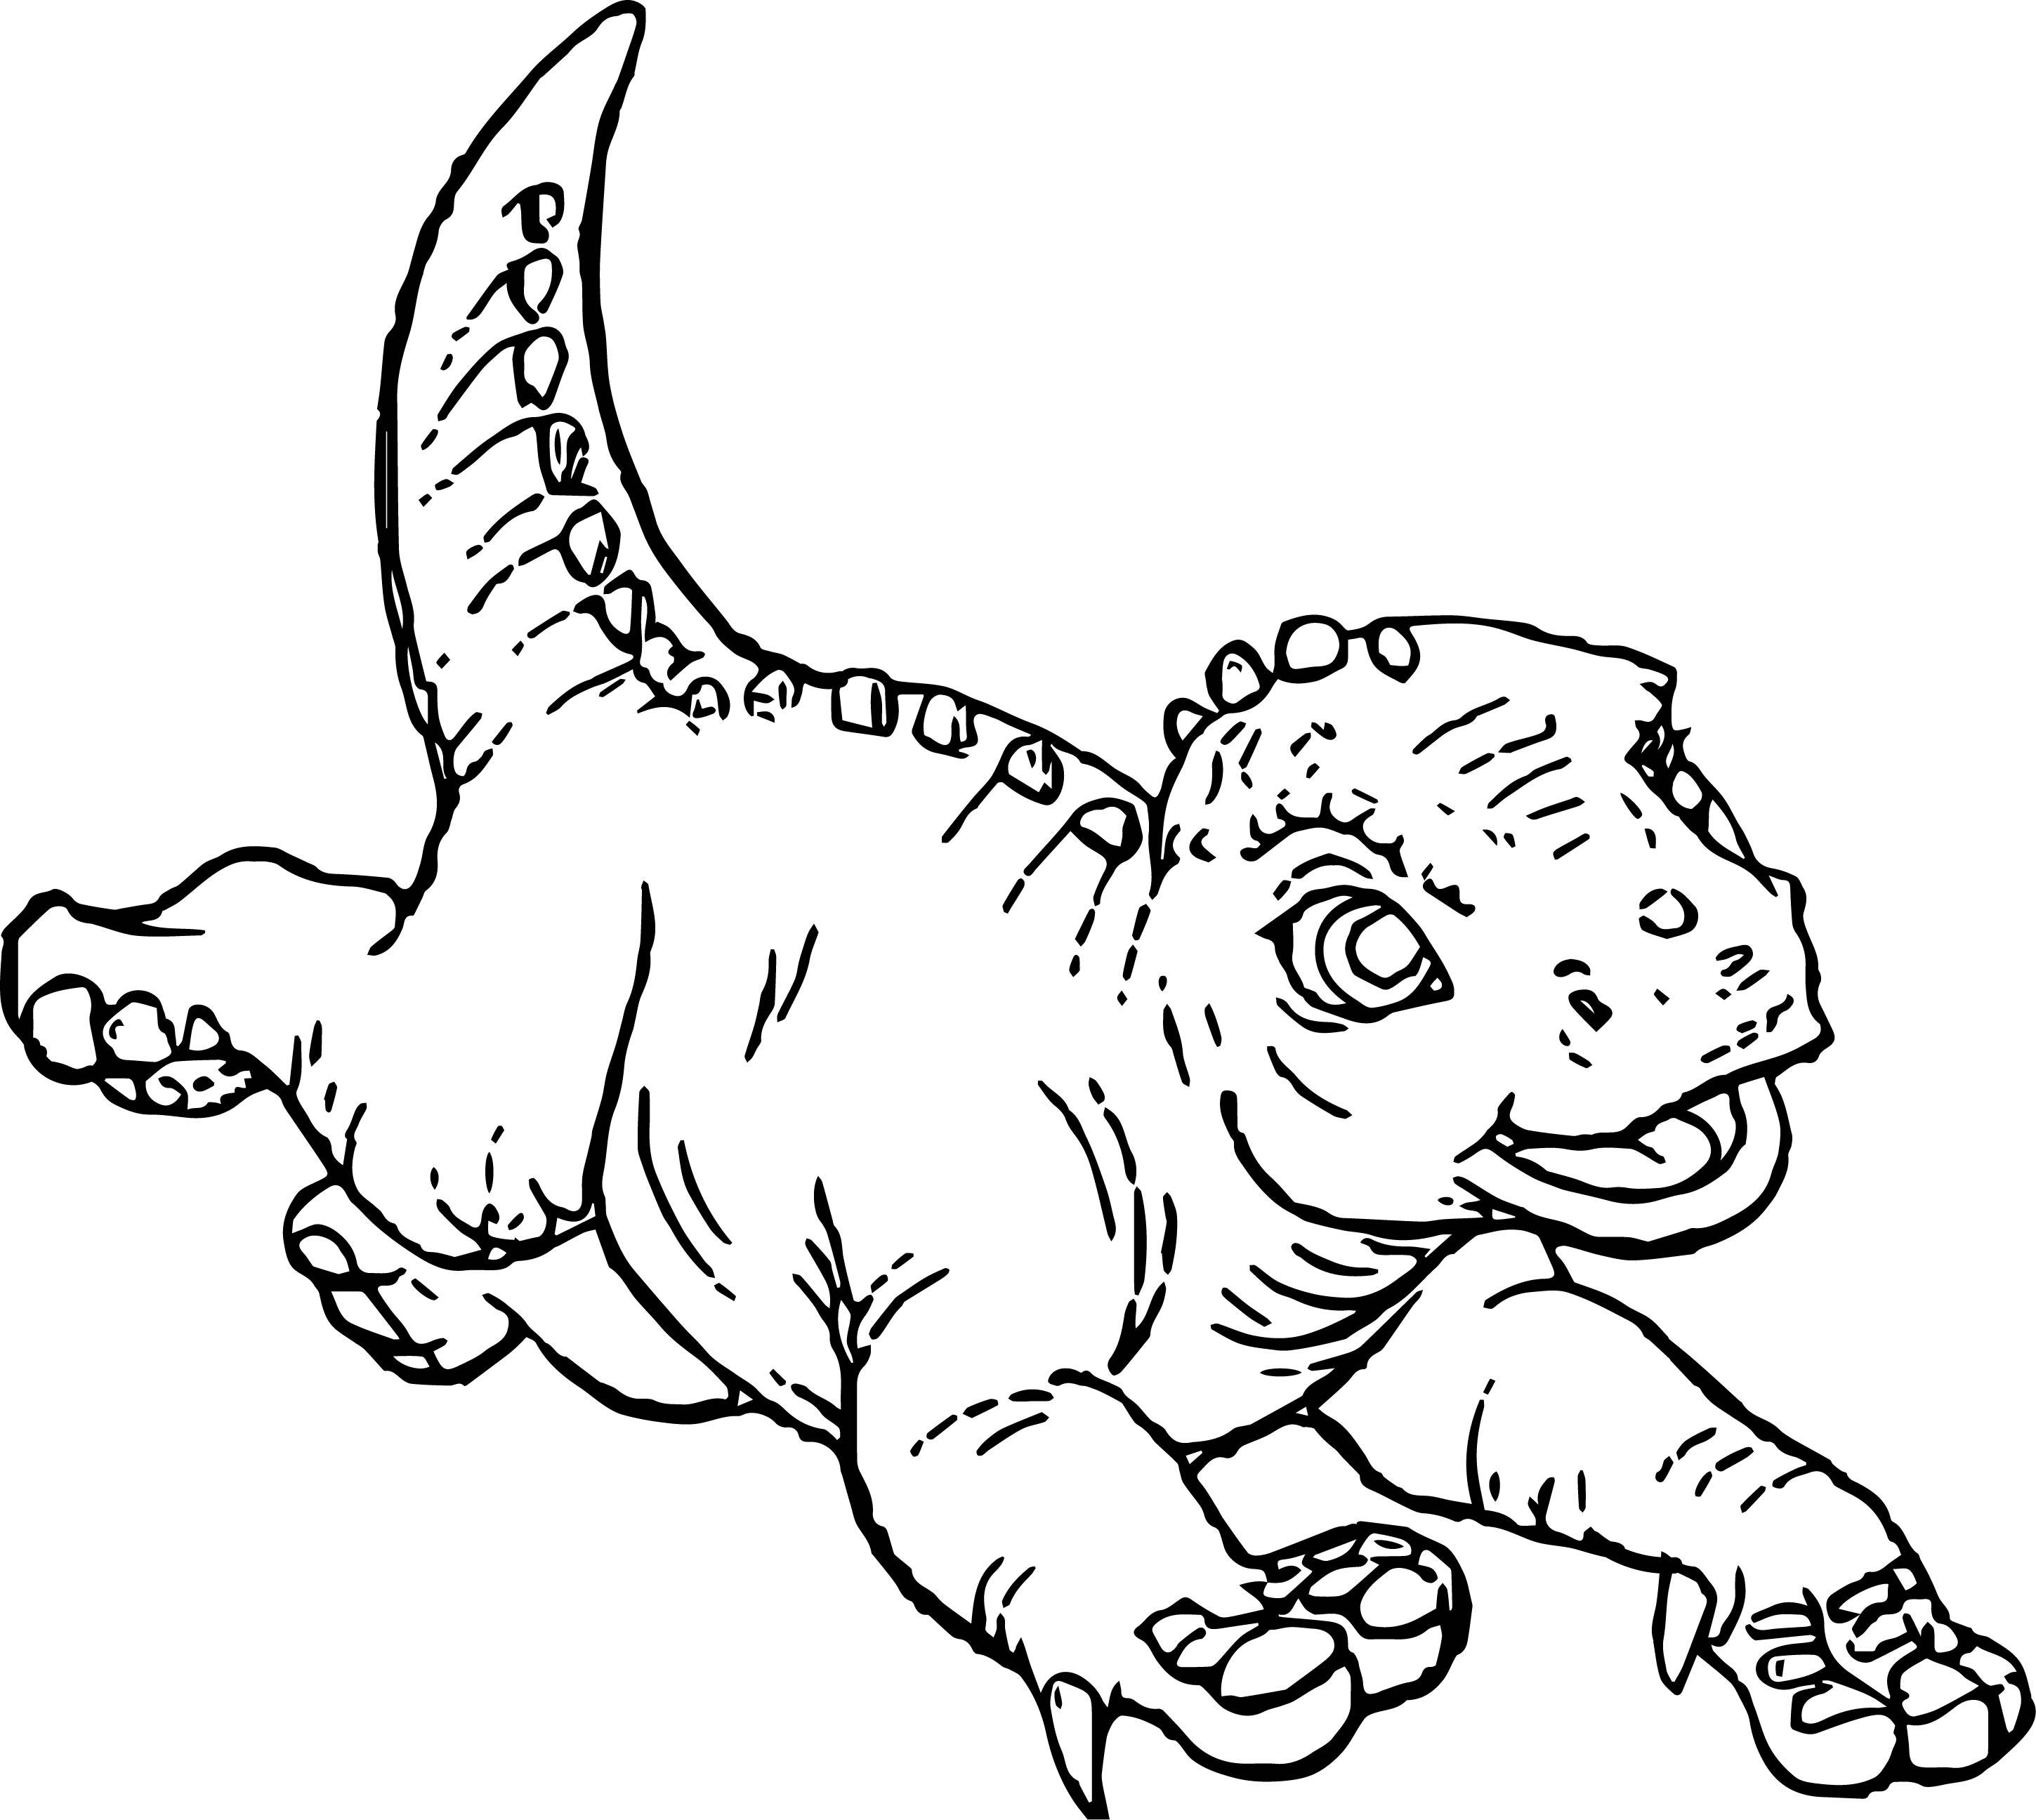 Disney Alad Dinosaur Coloring Page | Wecoloringpage.com